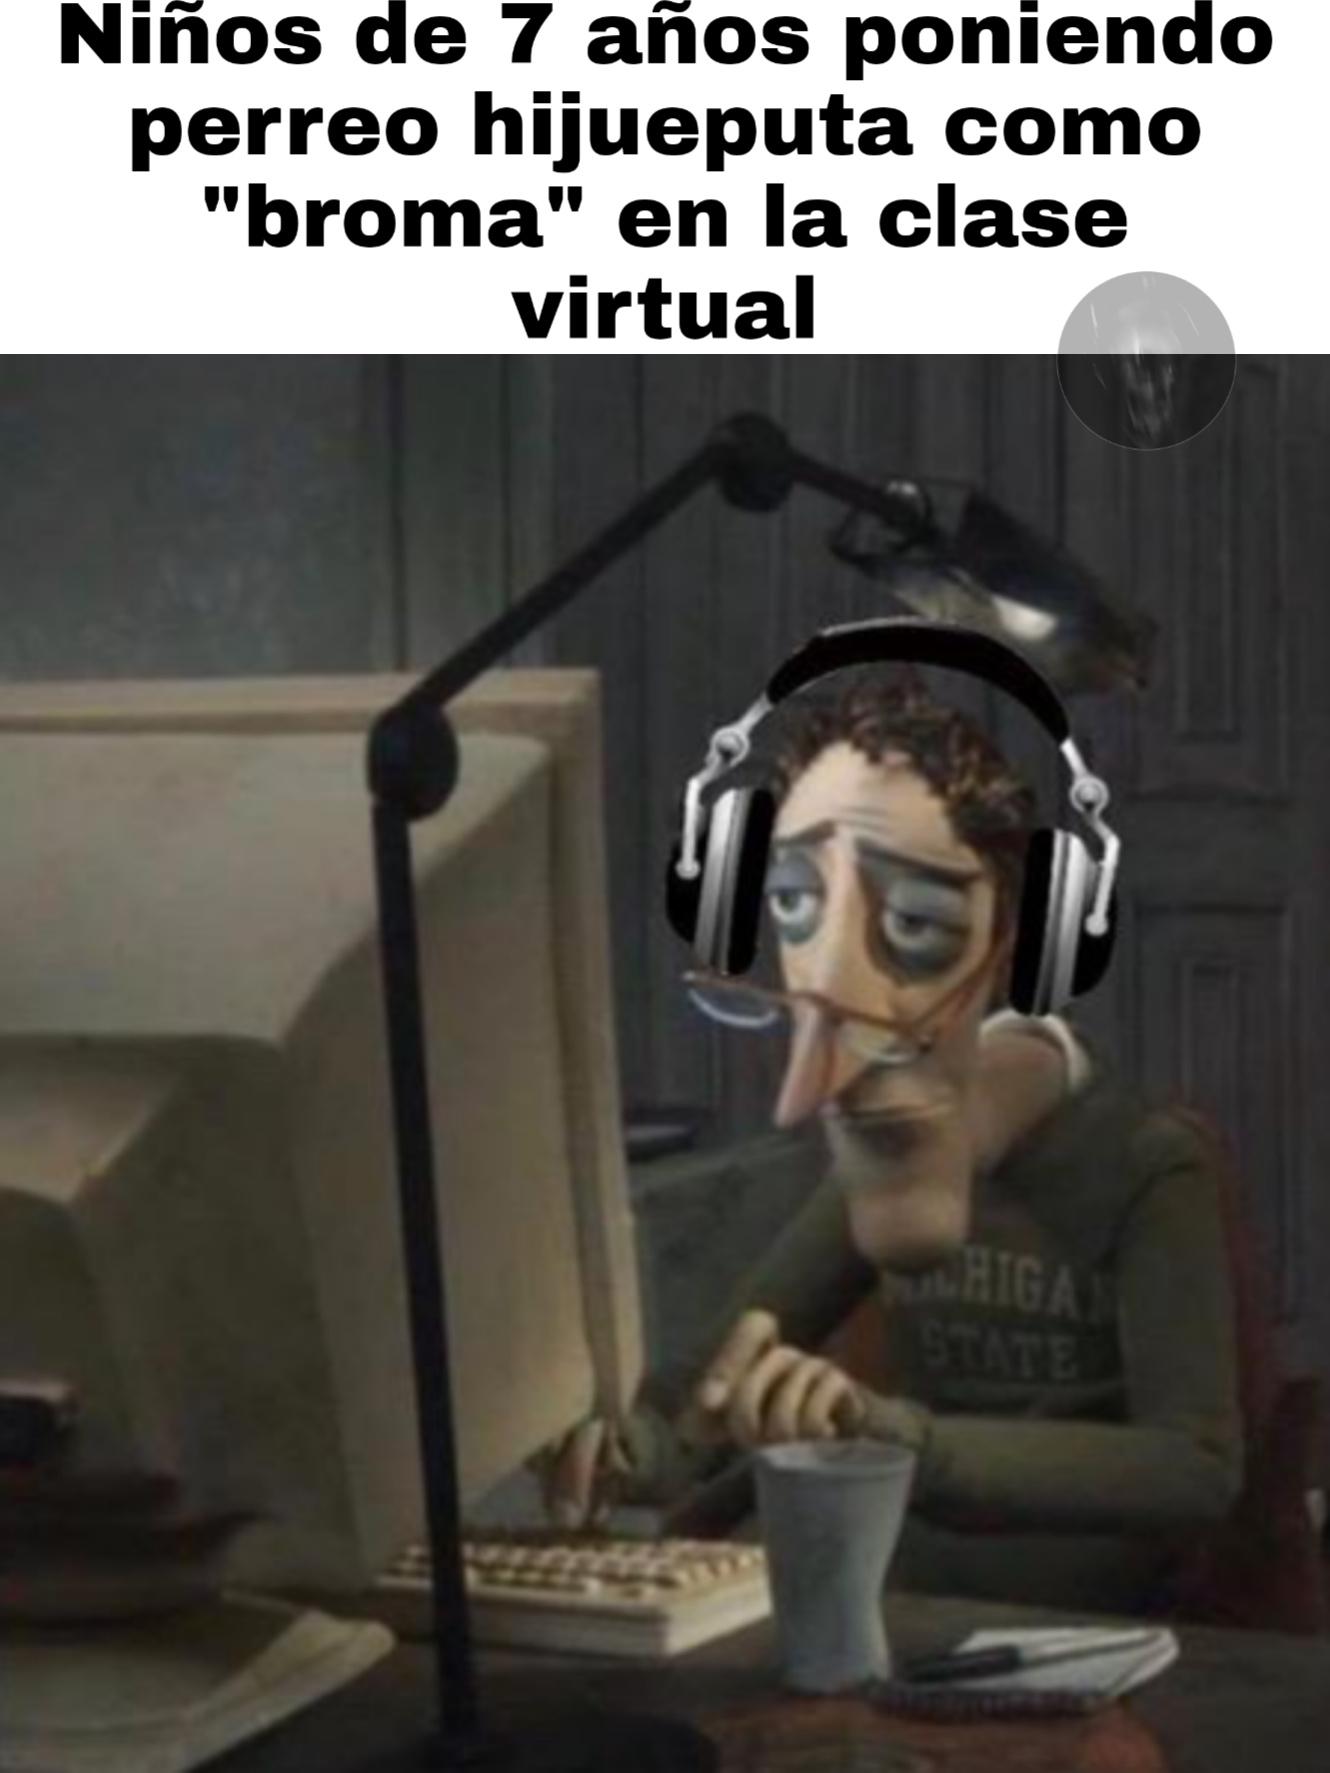 Cuenten que bromas sin gracia han hecho en sus clases virtuales - meme